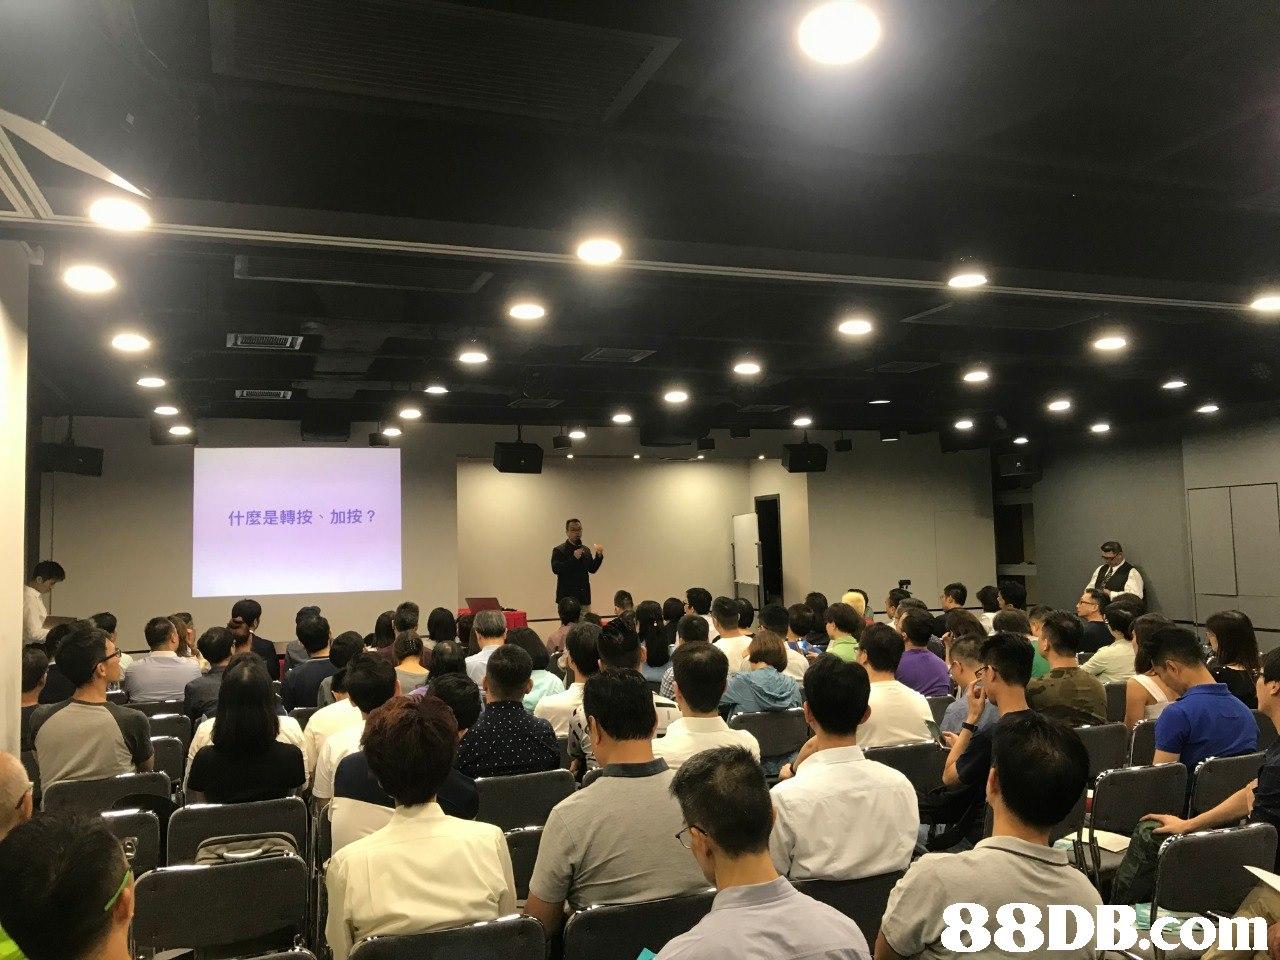 什麼是轉按、加按?   convention,academic conference,seminar,audience,auditorium